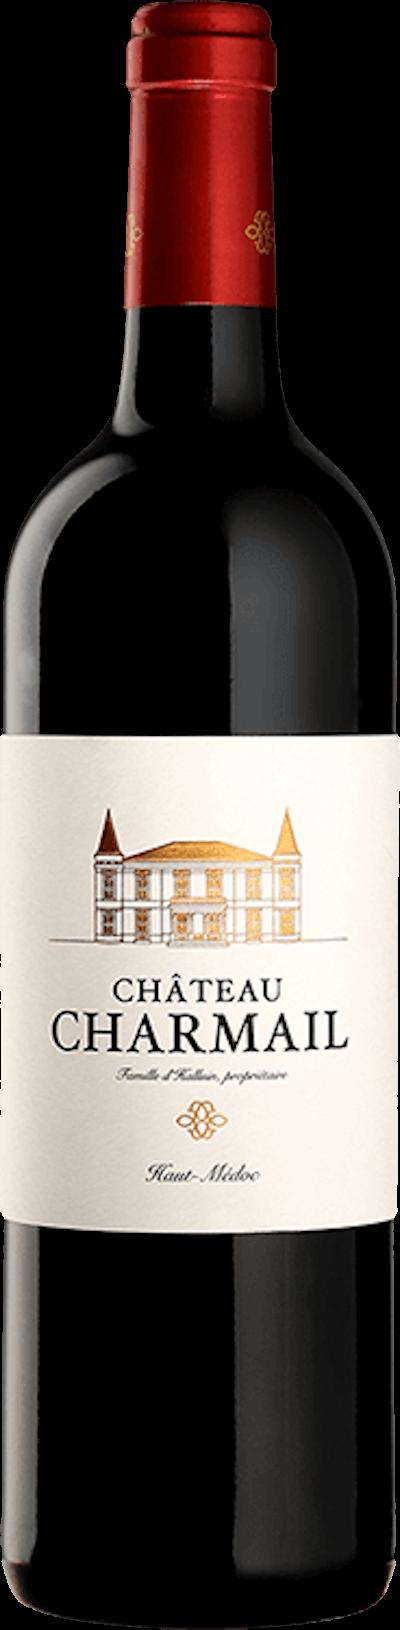 Chateau Charmail - Haut Medoc Crus Bourgois Superieur, 2015